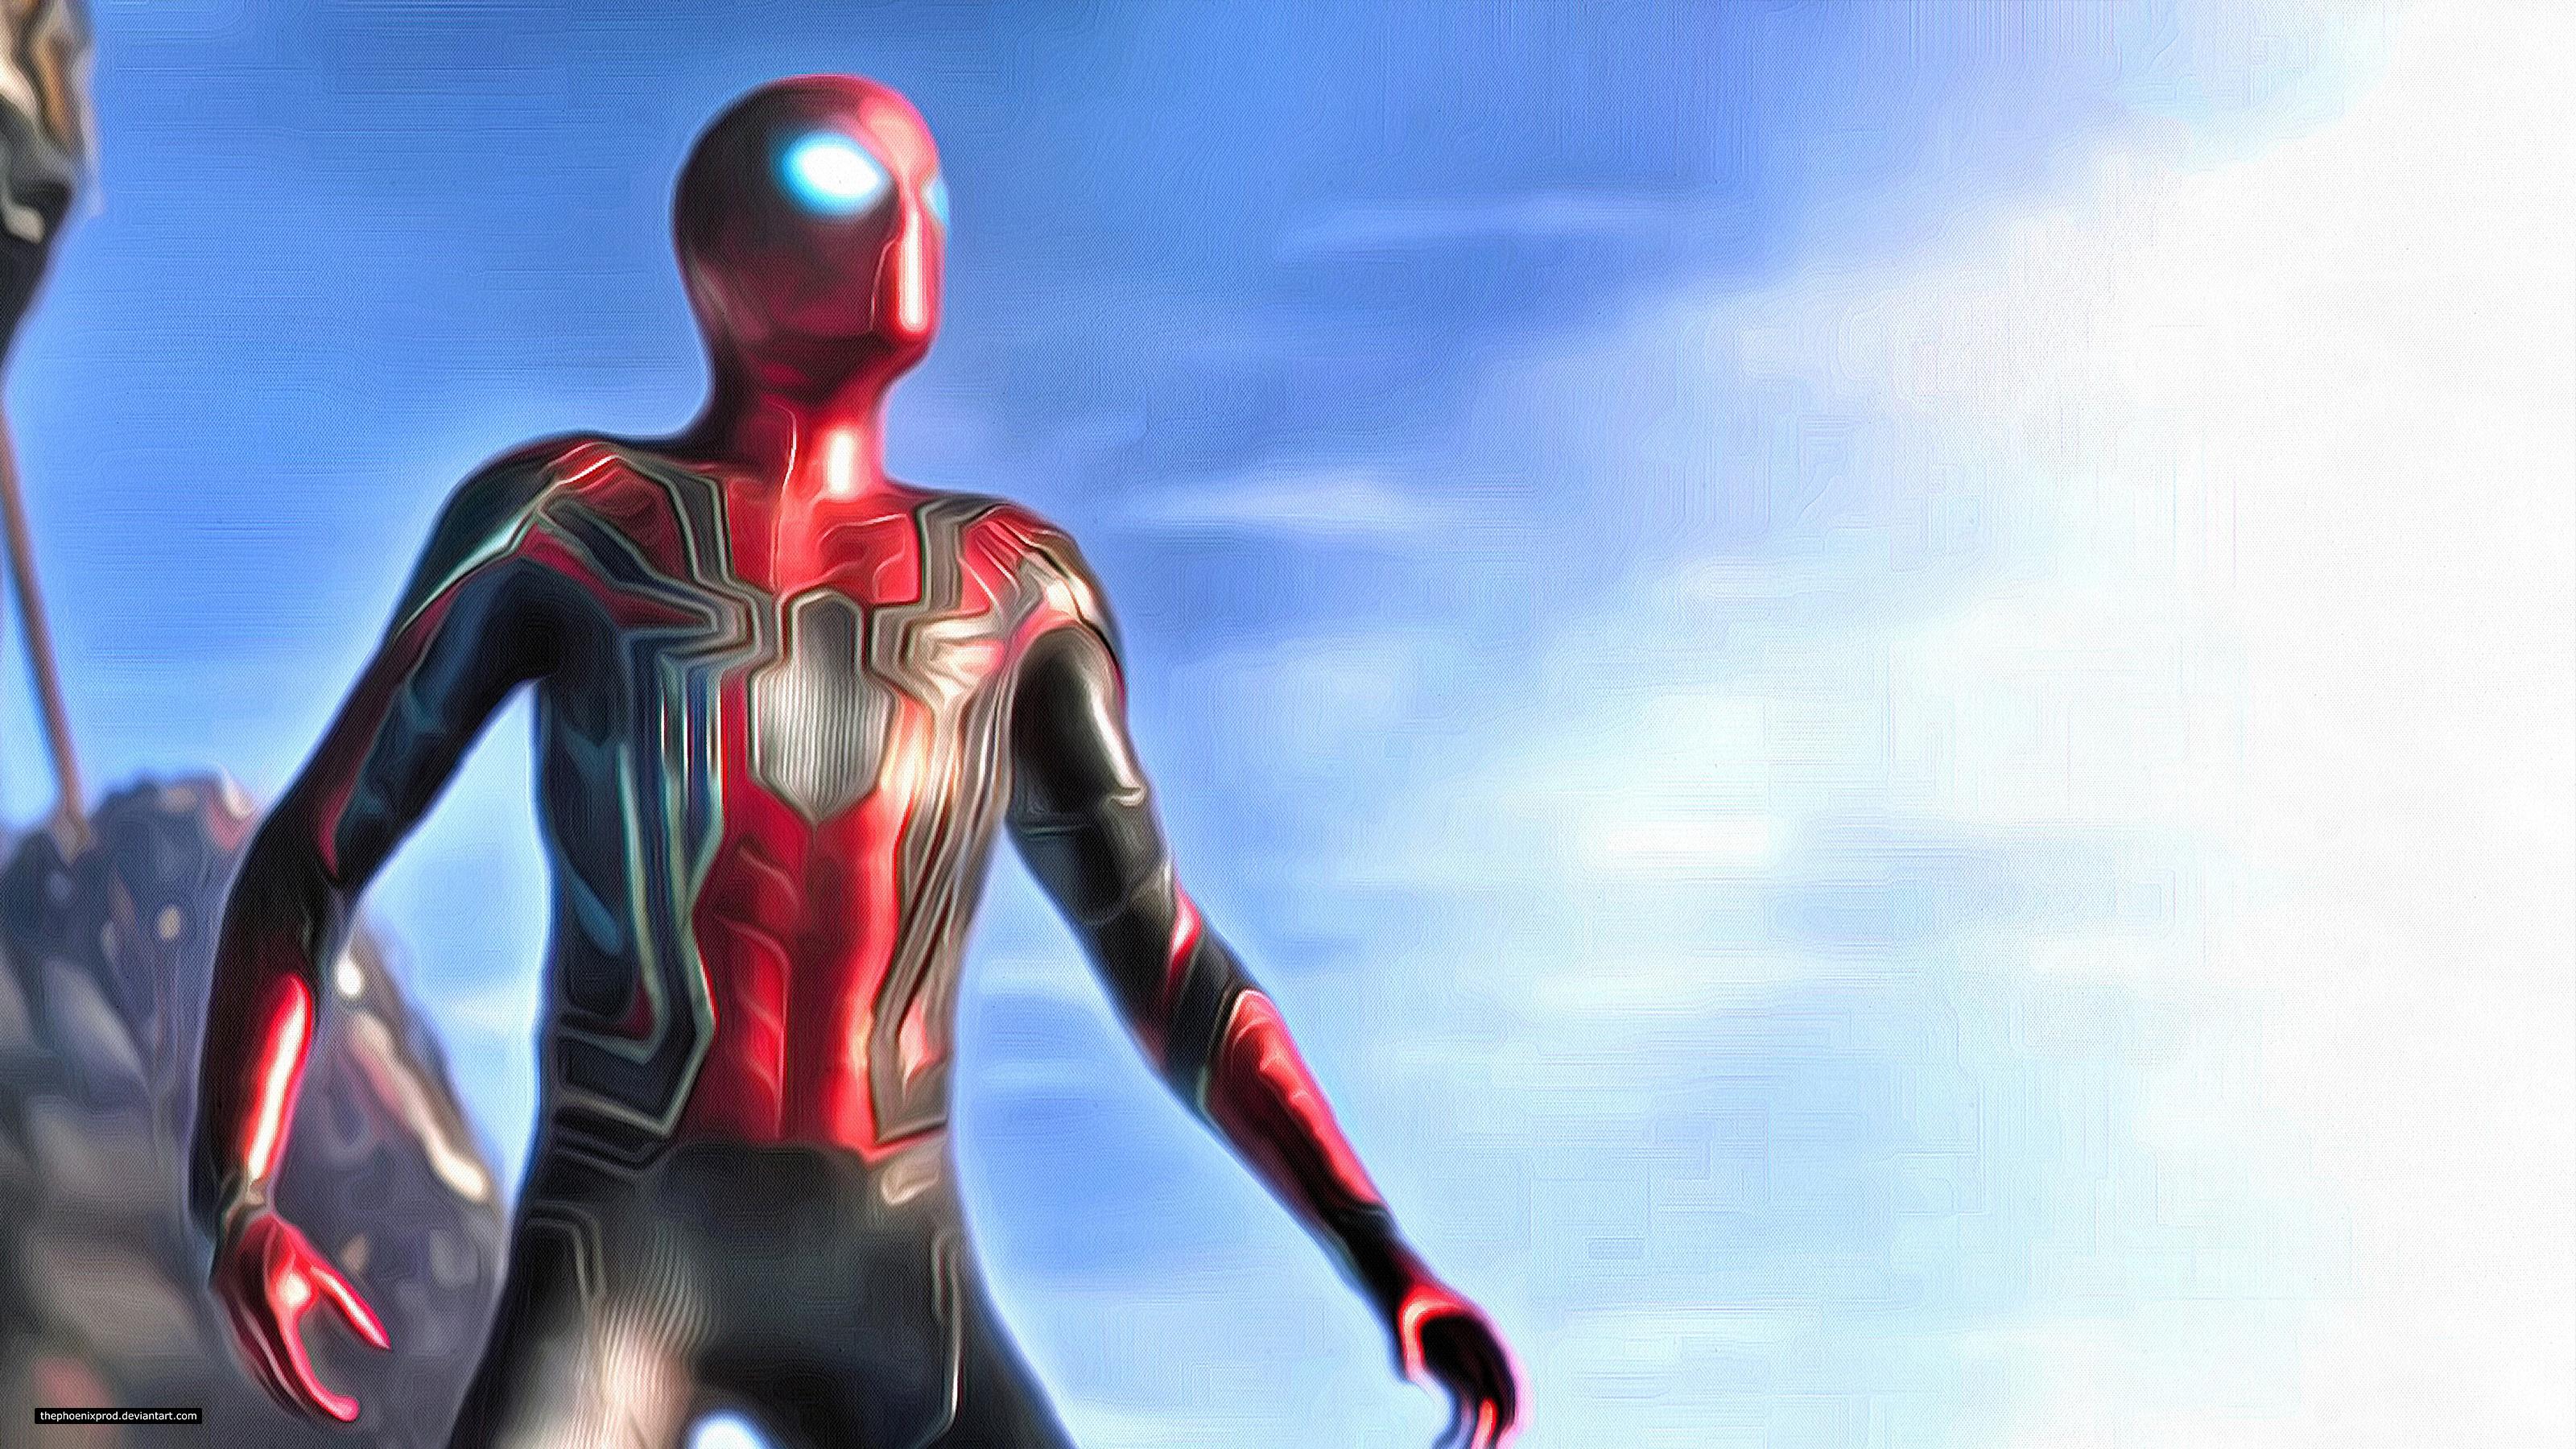 キャプテン・マーベル Hd: Spiderman In Avengers Infinity War 2018 4K Artwork, HD Movies, 4k Wallpapers, Images